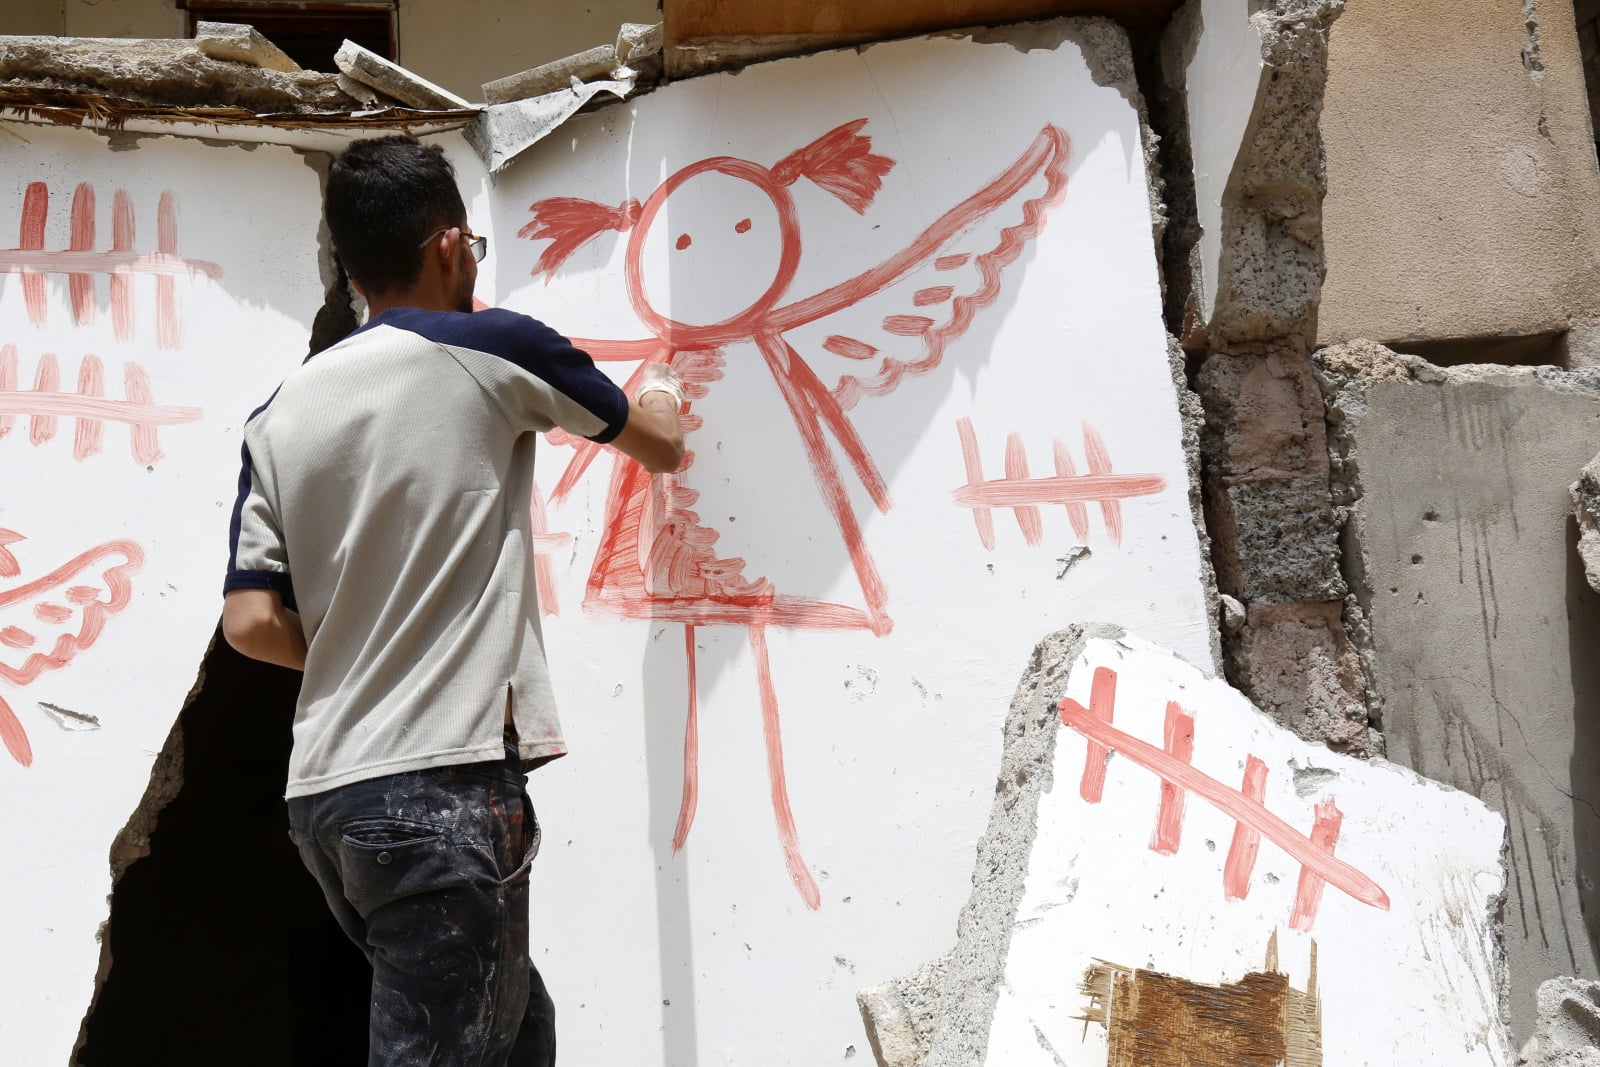 Antywojenne graffiti w Jemenie fot. EPA/YAHYA ARHAB  Dostawca: PAP/EPA.